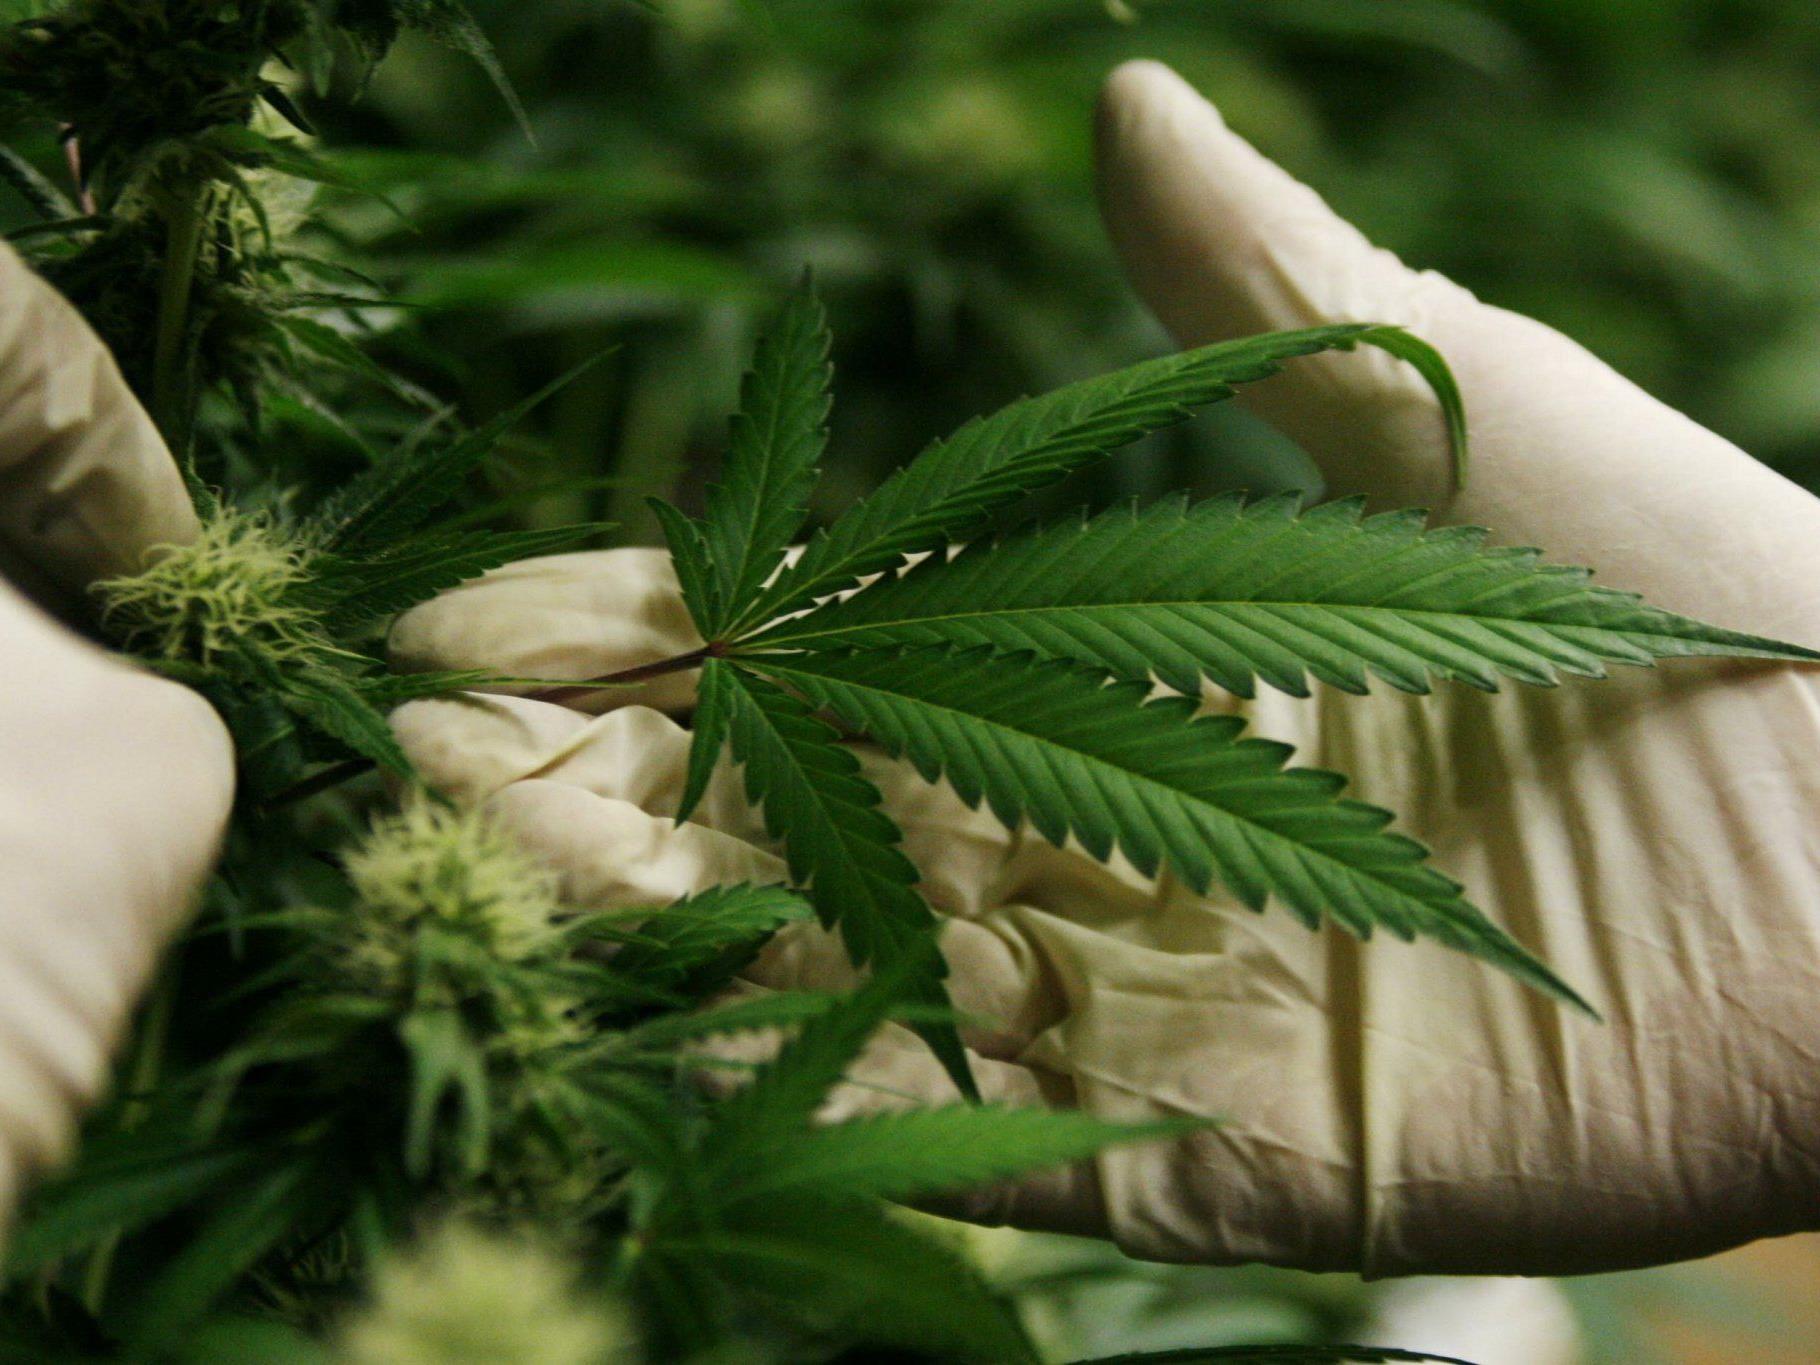 Die beschlagnahmten Drogen haben einen Wert von rund 660 Millionen Euro.